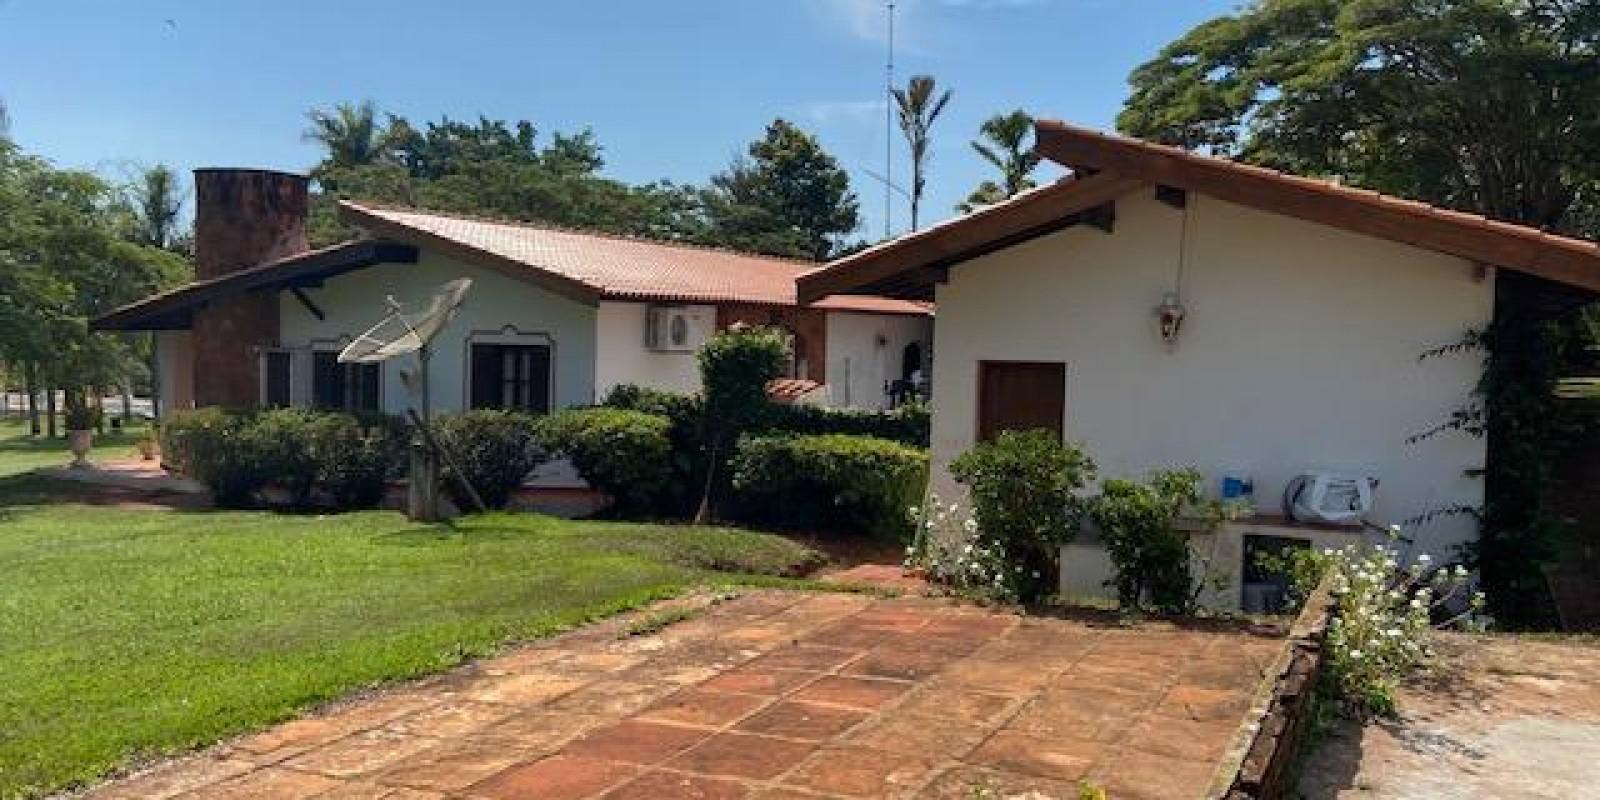 Casa Pé na Areia na Represa Condomínio Parque Náutico em Avaré SP - Foto 39 de 53